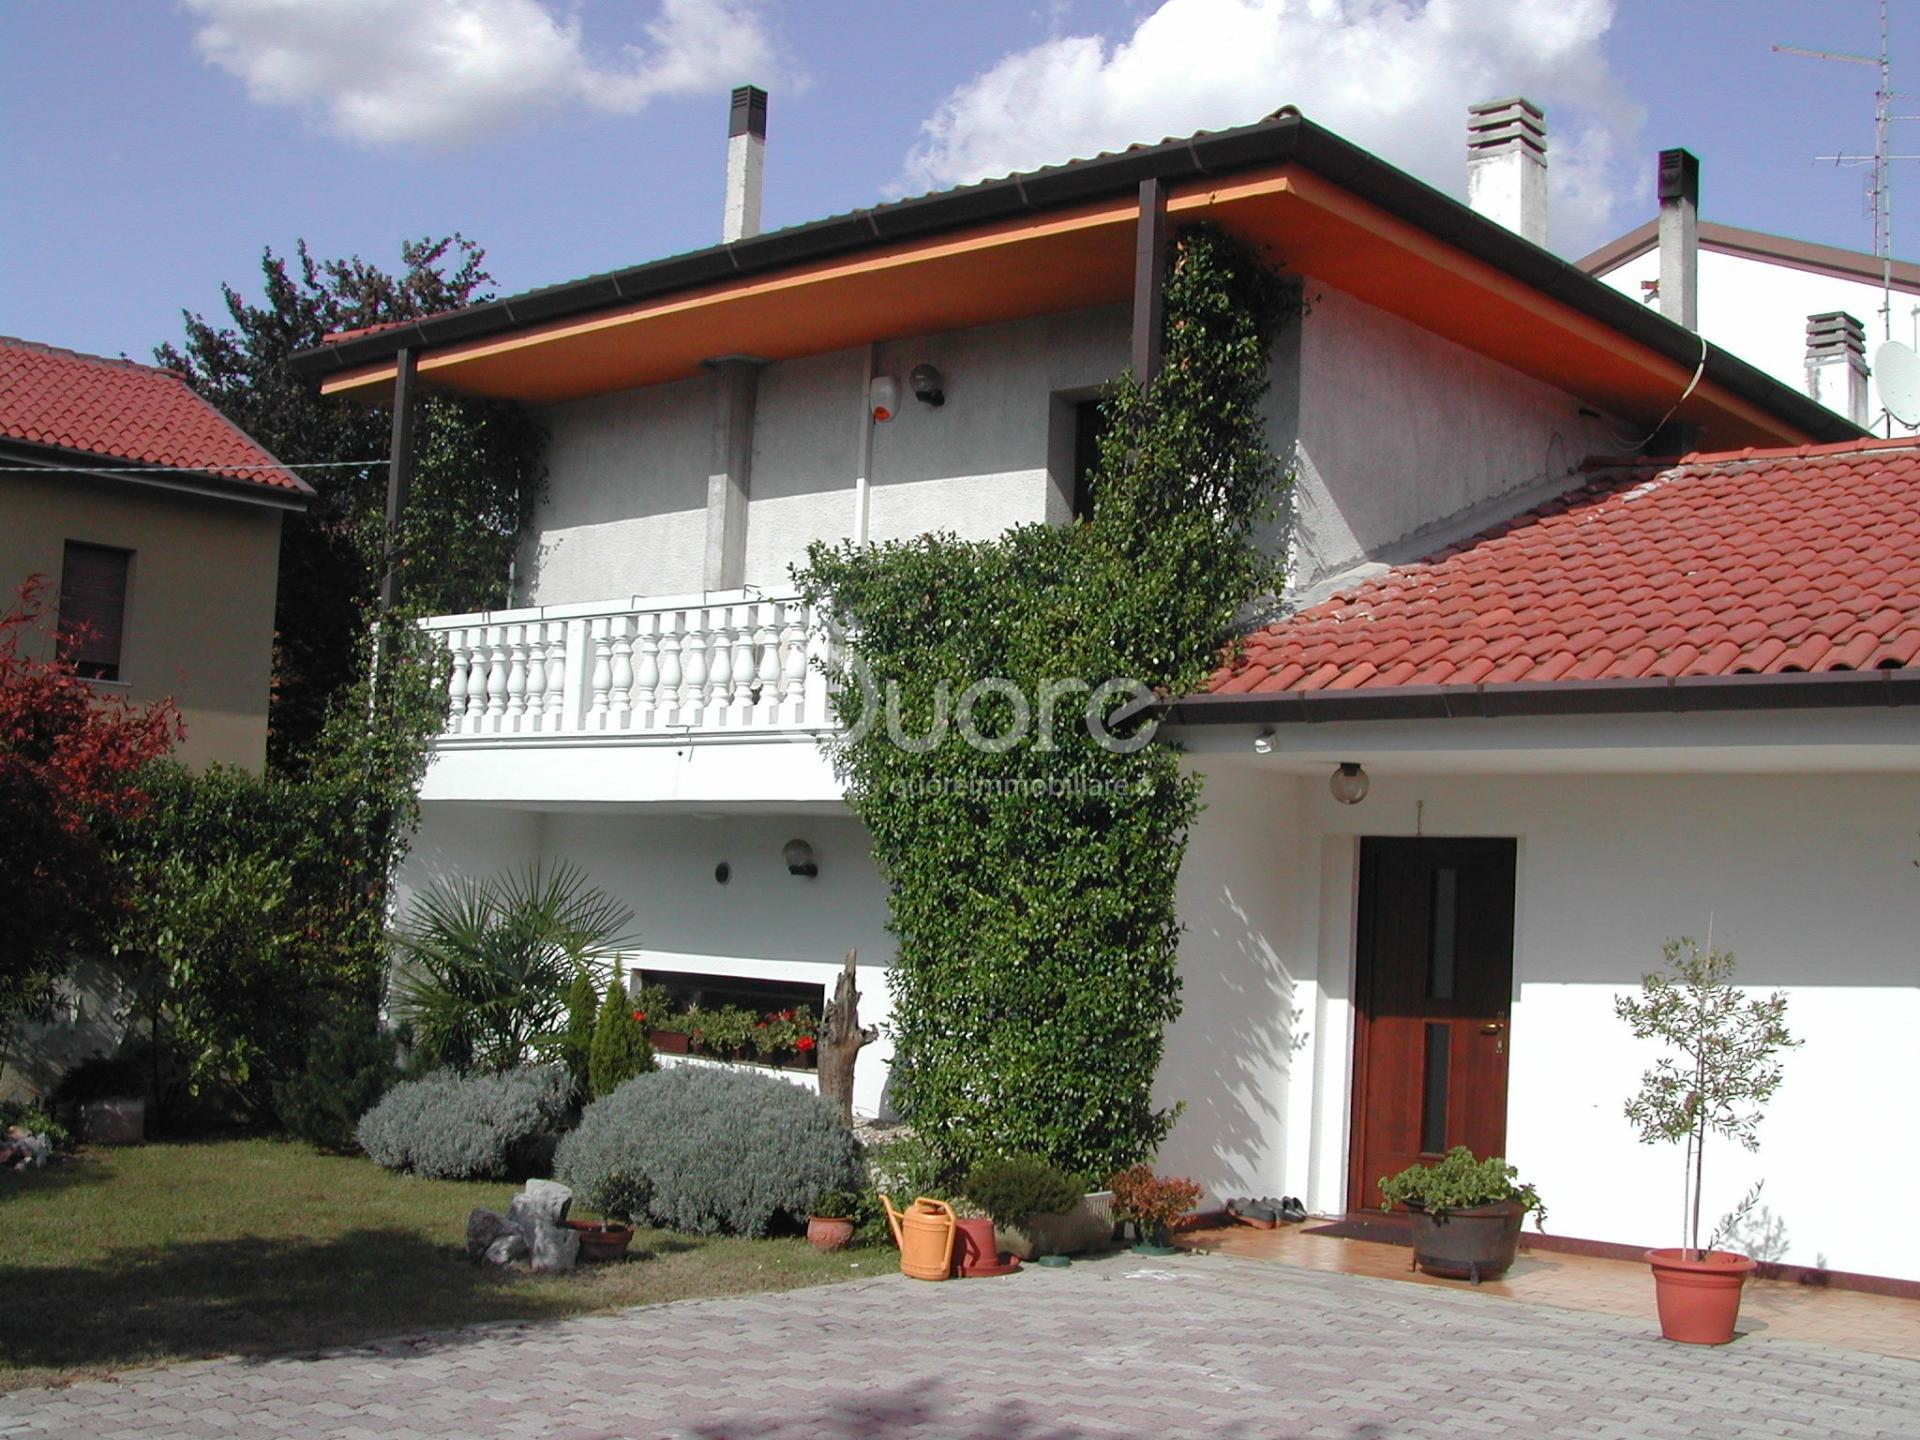 Soluzione Indipendente in vendita a Udine, 5 locali, prezzo € 235.000 | CambioCasa.it